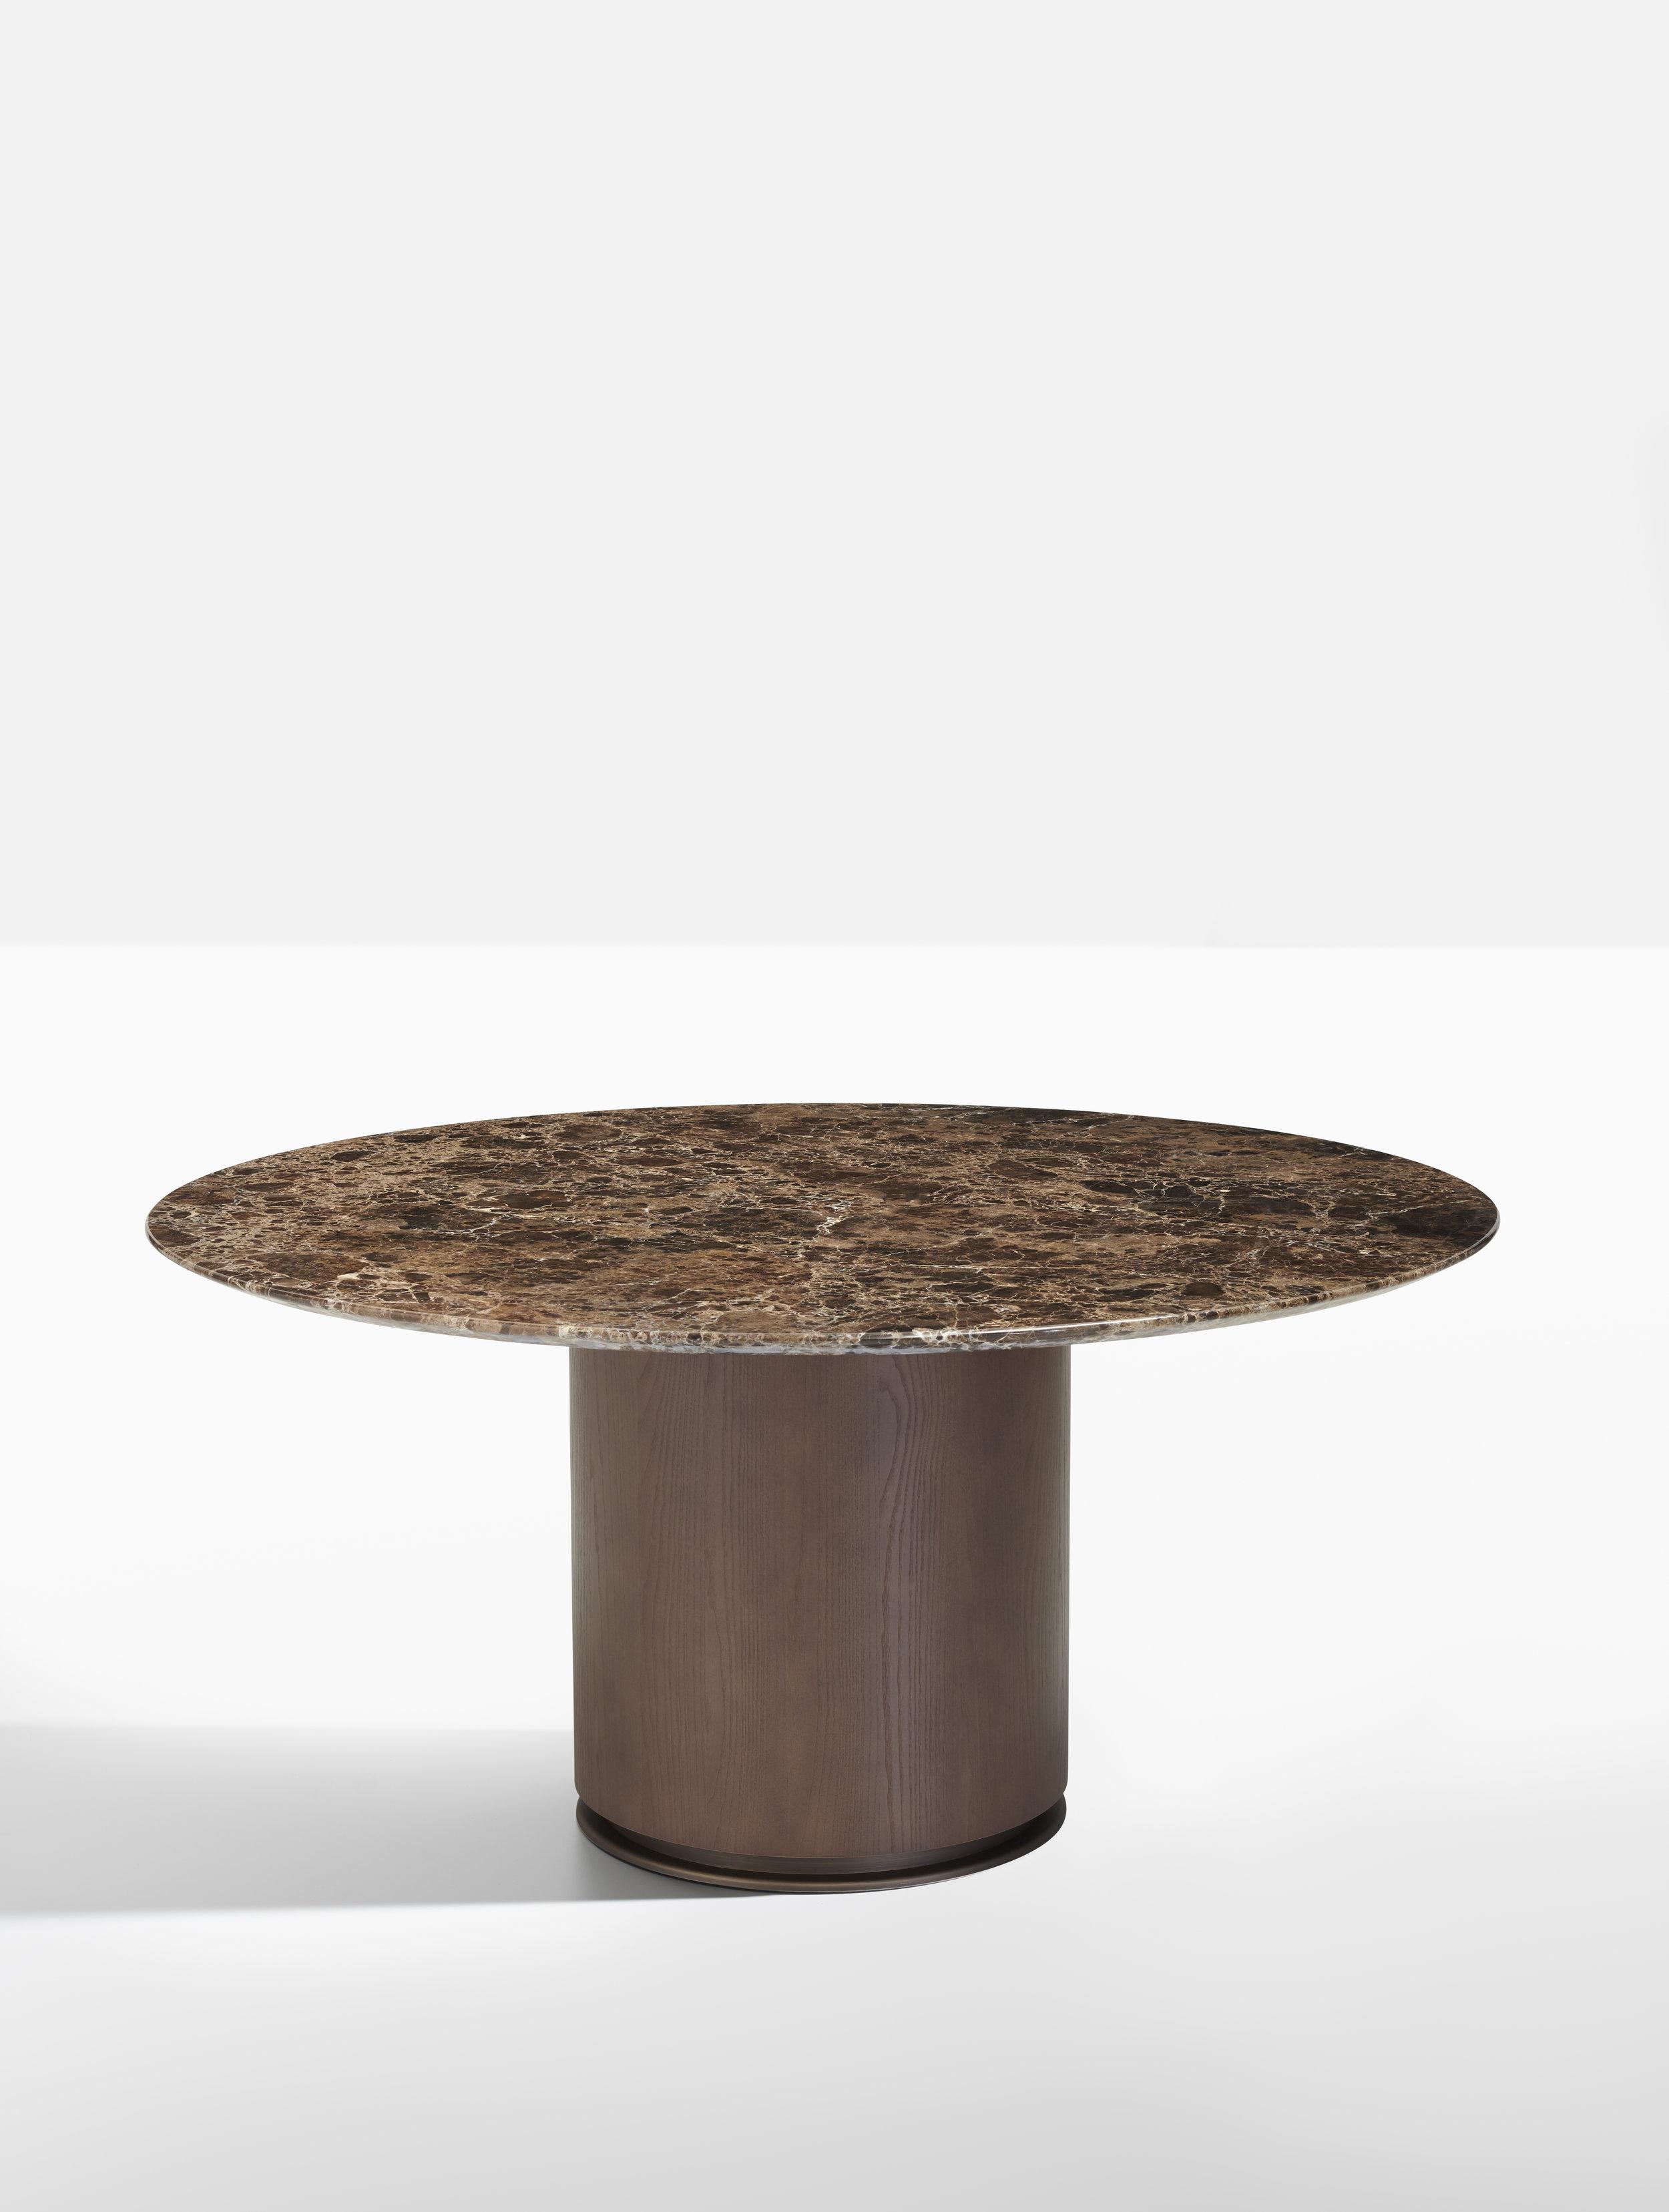 Potocco-OTAB-table-Gabriele e Oscar Buratti 05.jpg